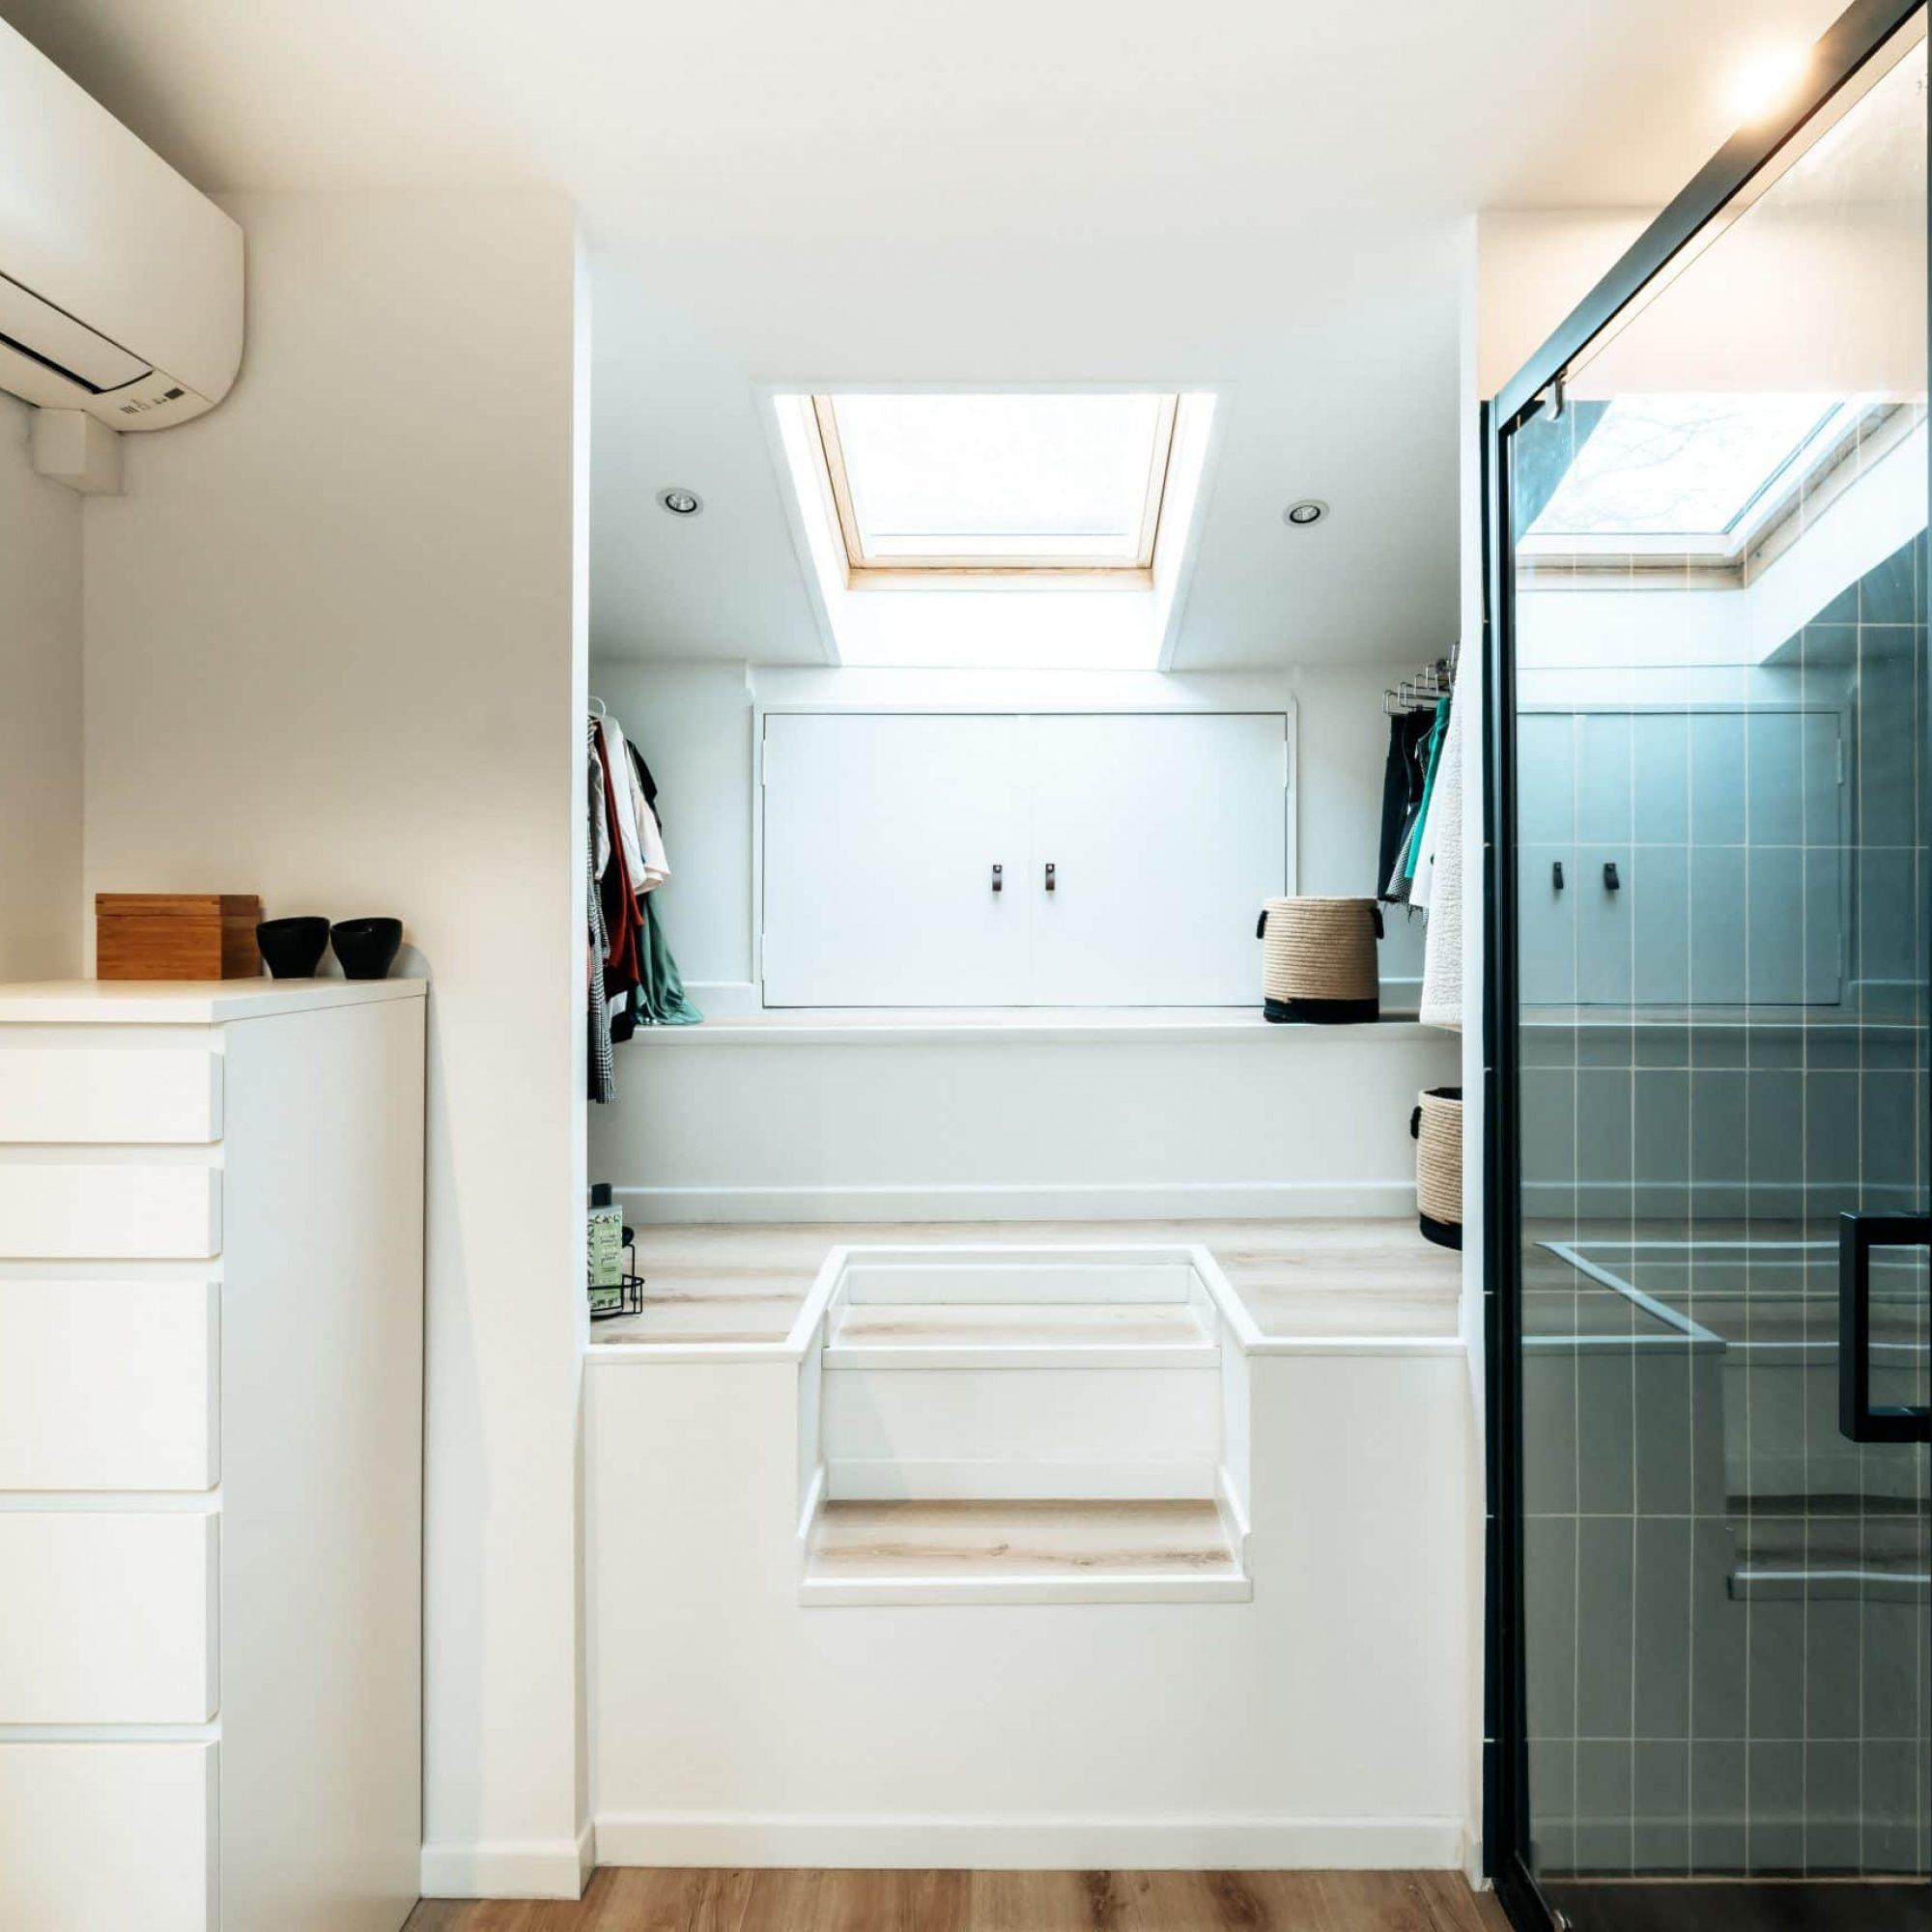 sousletoit-renovation-jeremydugas-architecte-interieur-decoration-travaux-aménagement-montpellier-herault-papier-peint-jungle-wood-zellige